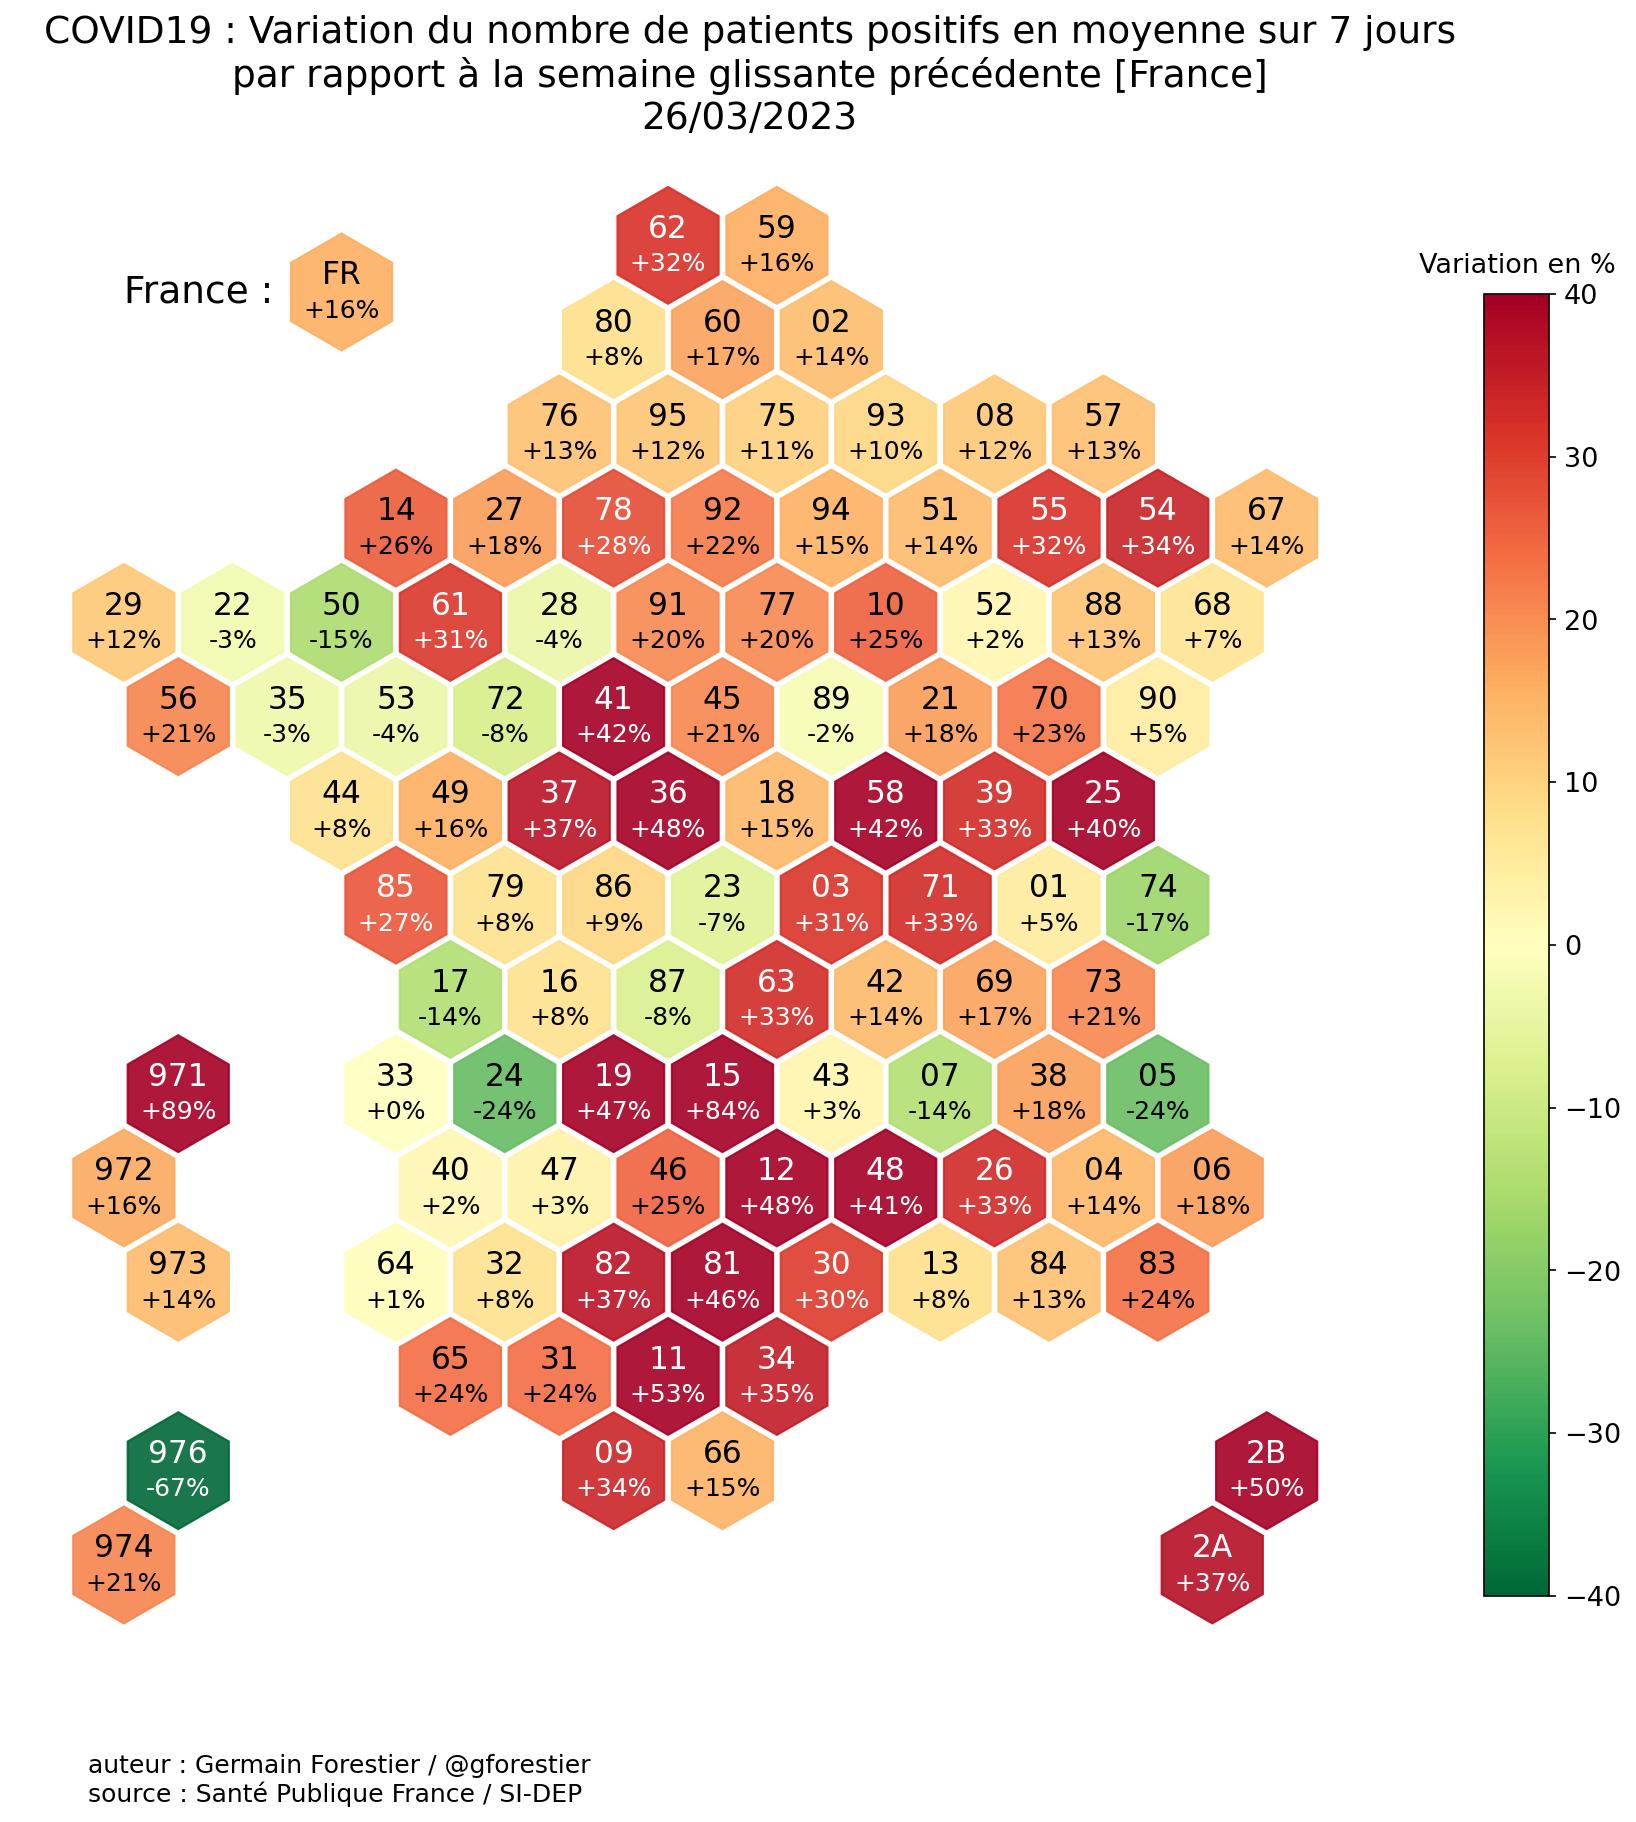 Le coronavirus COVID-19 - Infos, évolution et conséquences - Page 22 Hex-map-variation-cas